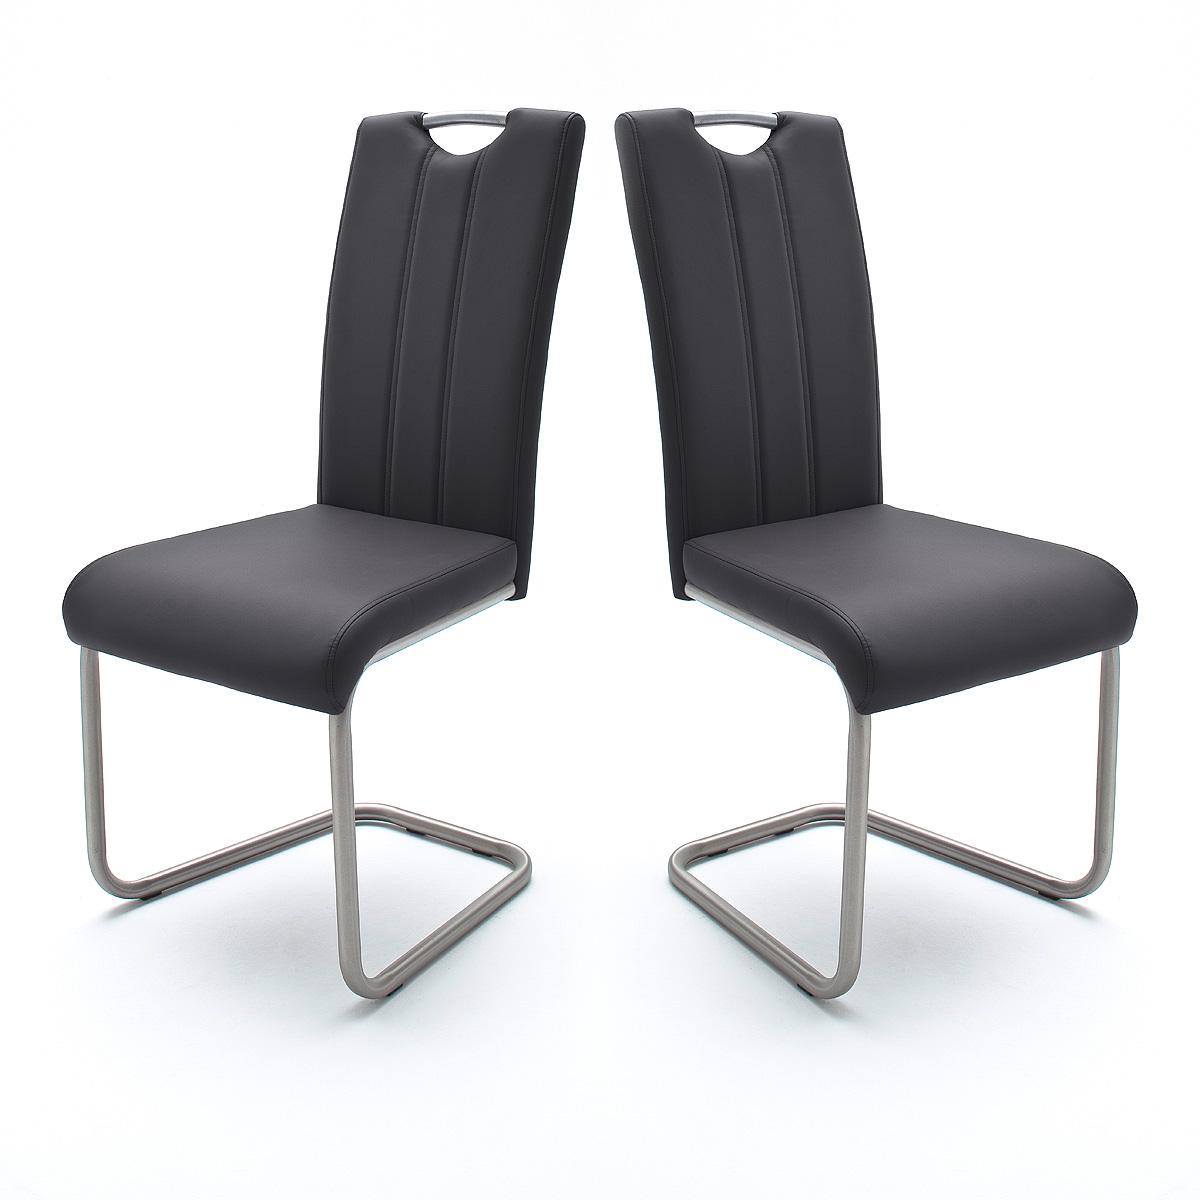 schwingstuhl 4er set marie stuhl esszimmerstuhl in schwarz. Black Bedroom Furniture Sets. Home Design Ideas